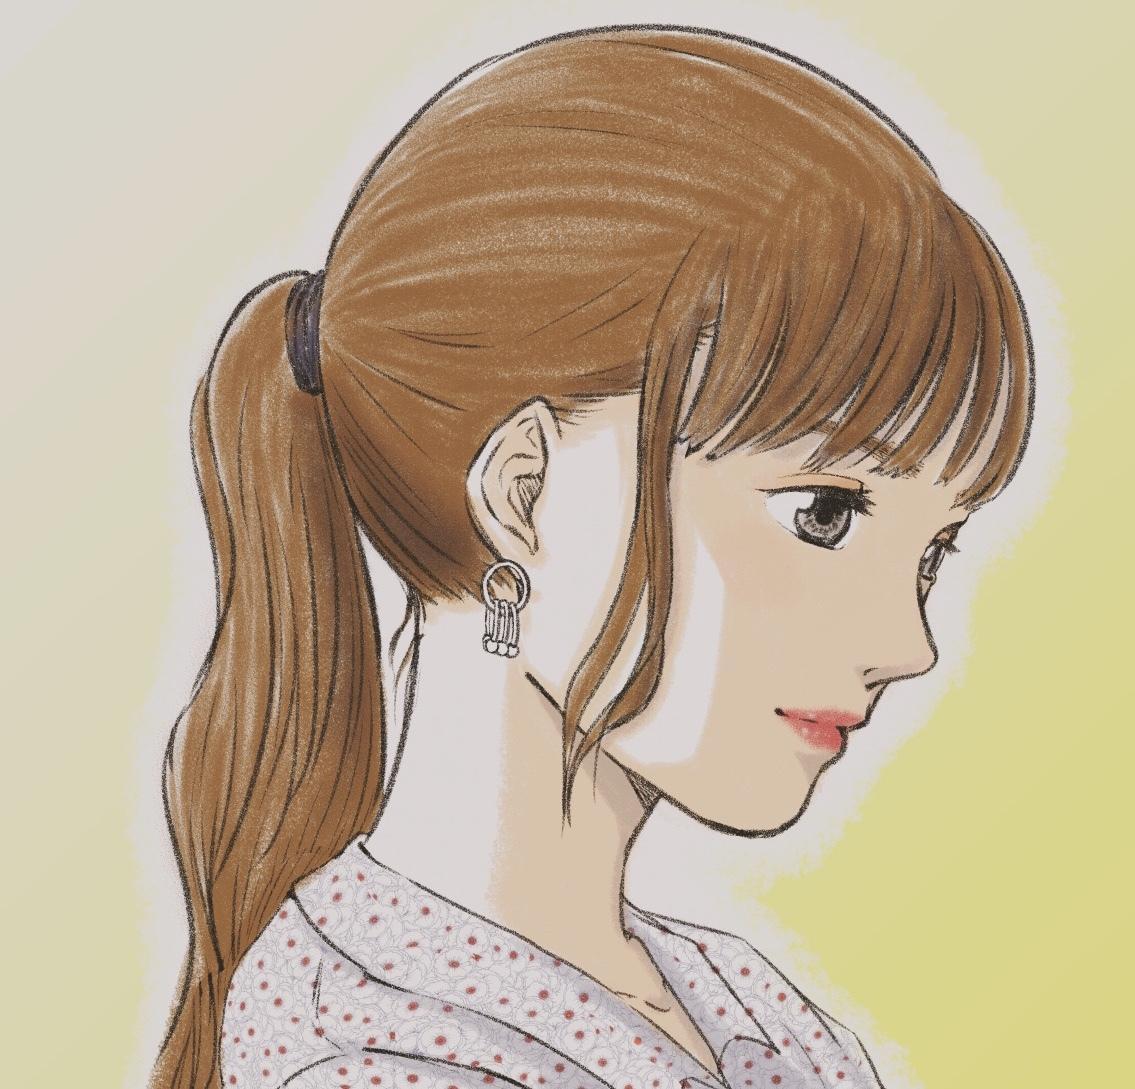 SNSのアイコン用似顔絵を描きます 貴方らしく、美しく、シンプルで魅力的な貴方だけのアイコンを。 イメージ1